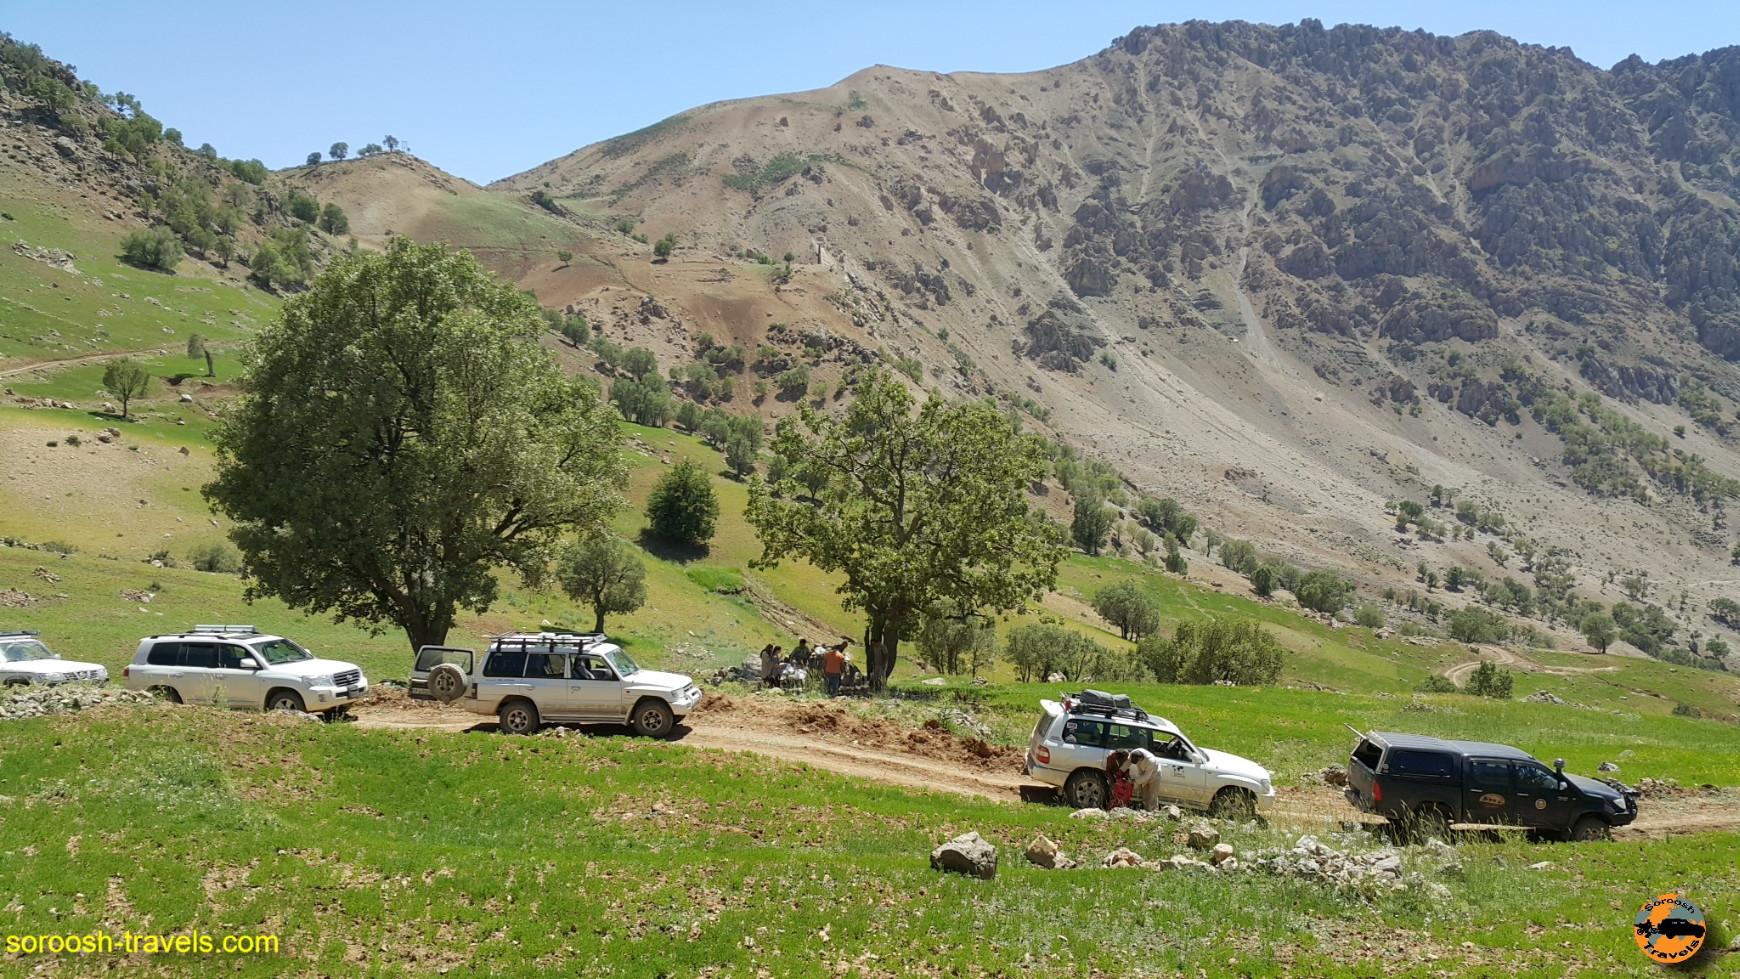 سلسله جبال زاگرس شگفت انگیز – خرداد ۱۳۹۶